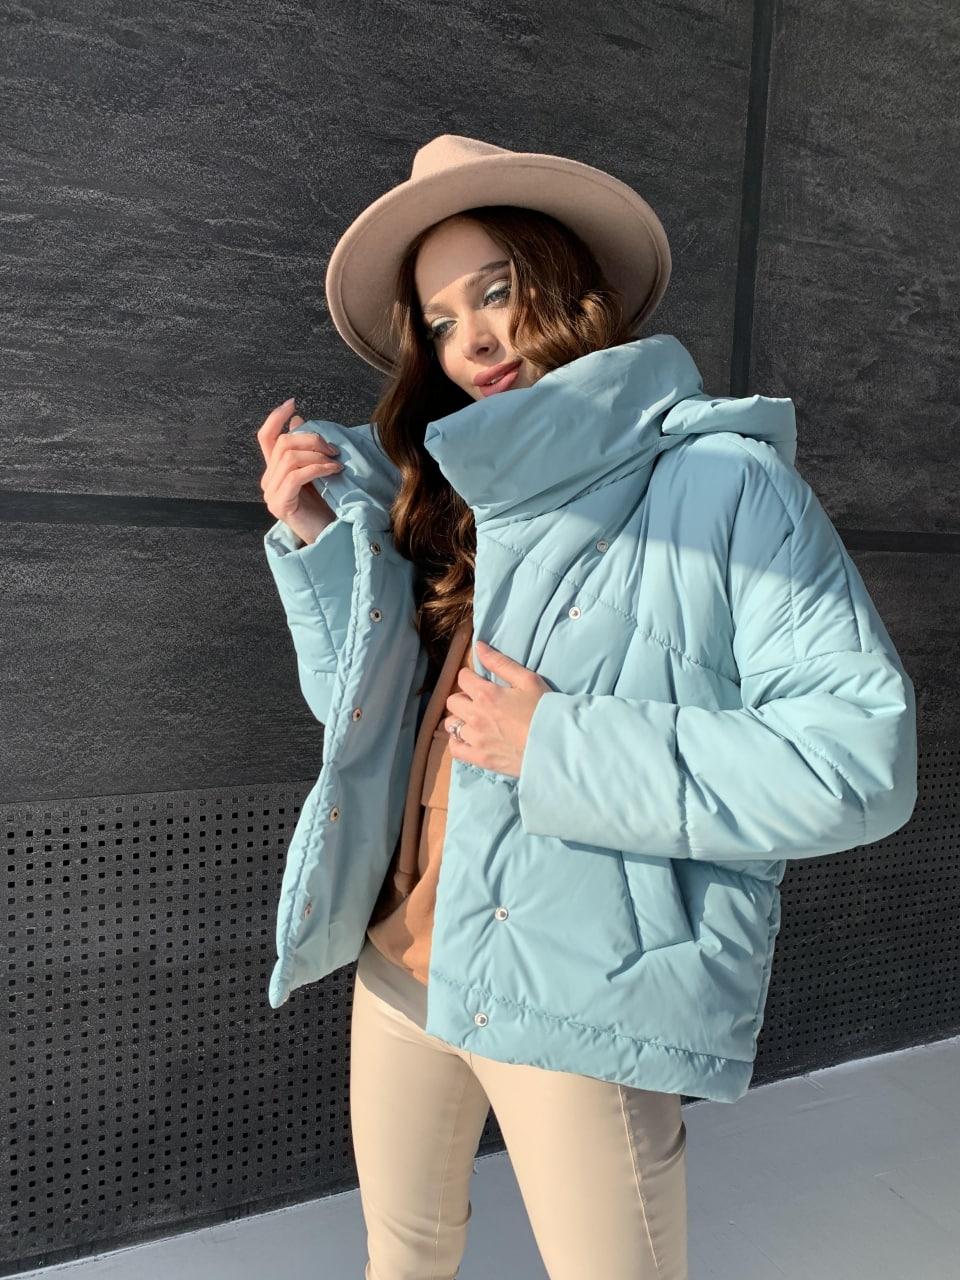 Уно short куртка из плащевой ткани Ammy 10927 АРТ. 47401 Цвет: Олива - фото 2, интернет магазин tm-modus.ru